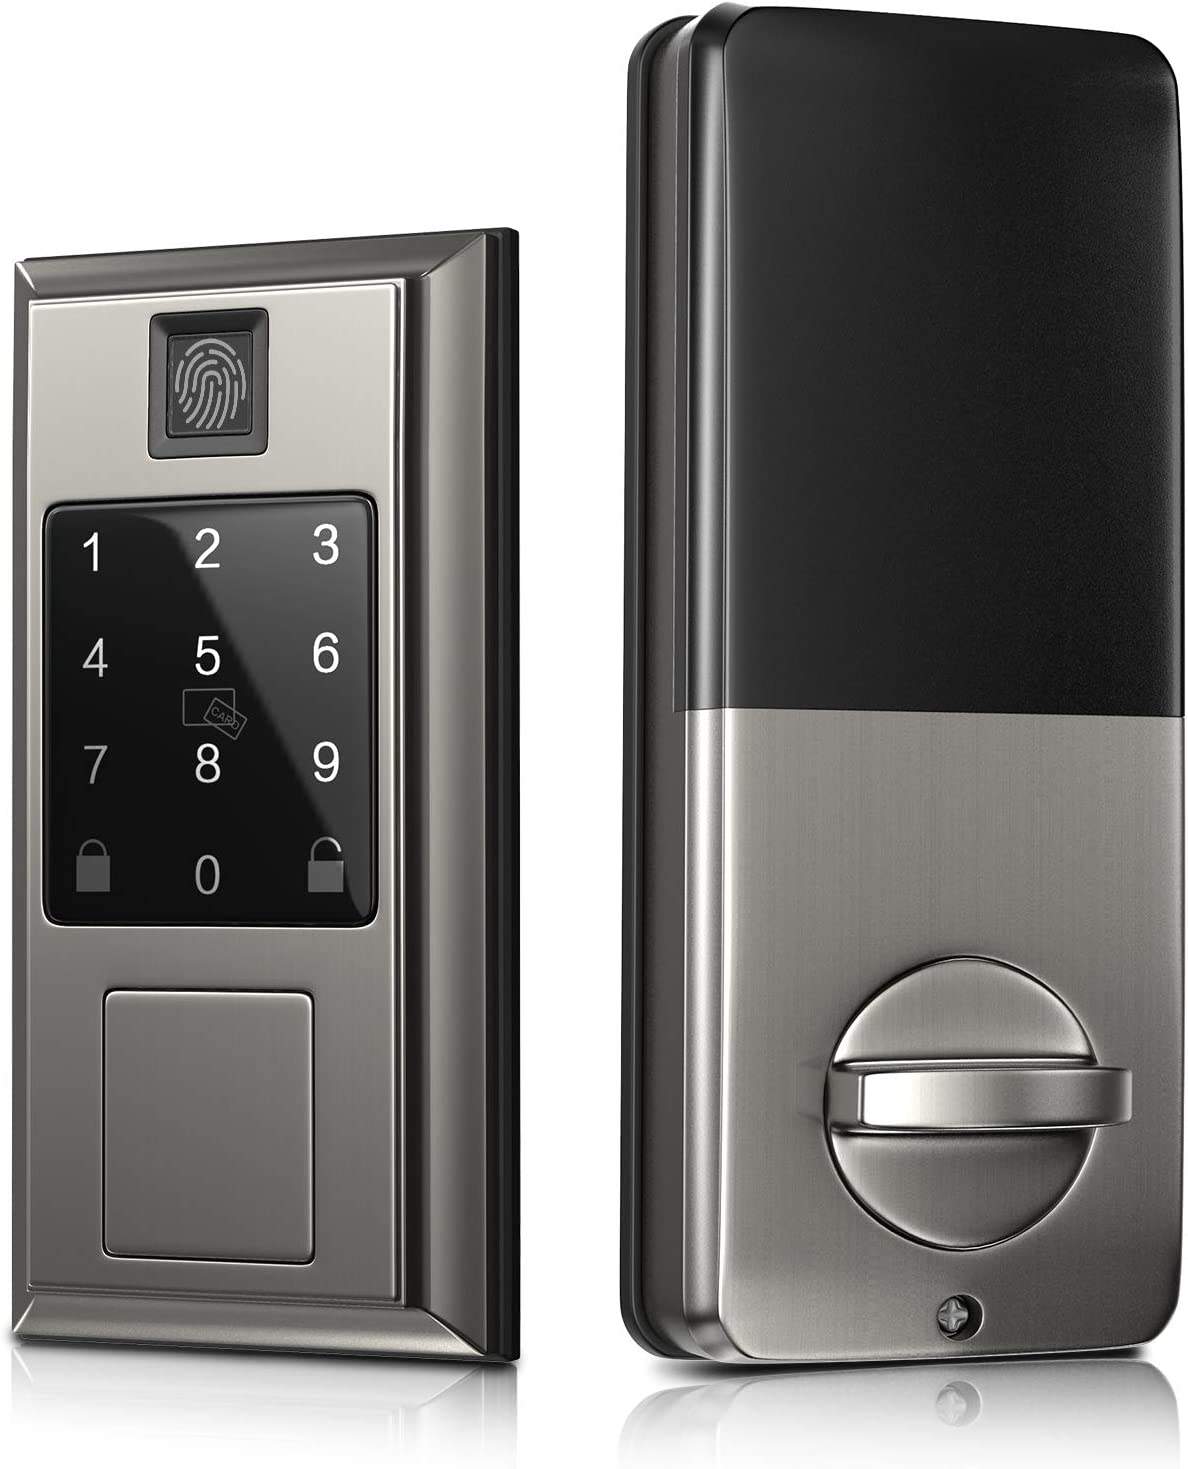 Security Smart Door Lock with Fingerprint Recognition, Oasbike Bluetooth Smart Door Lock, Touchscreen Keypad, Keyless Entry Door Lock Featuring Auto-Locking, Compatible with Alexa & Google Assistant